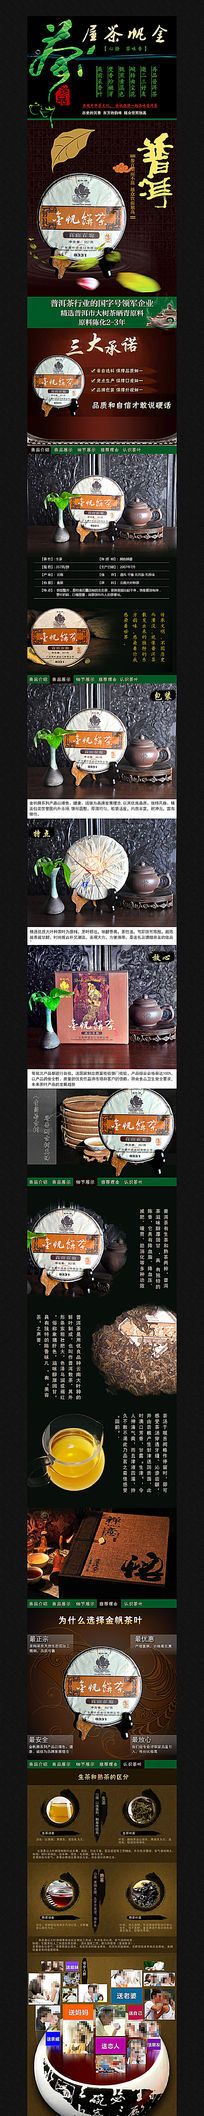 淘宝普洱茶叶详情页描述素材模板